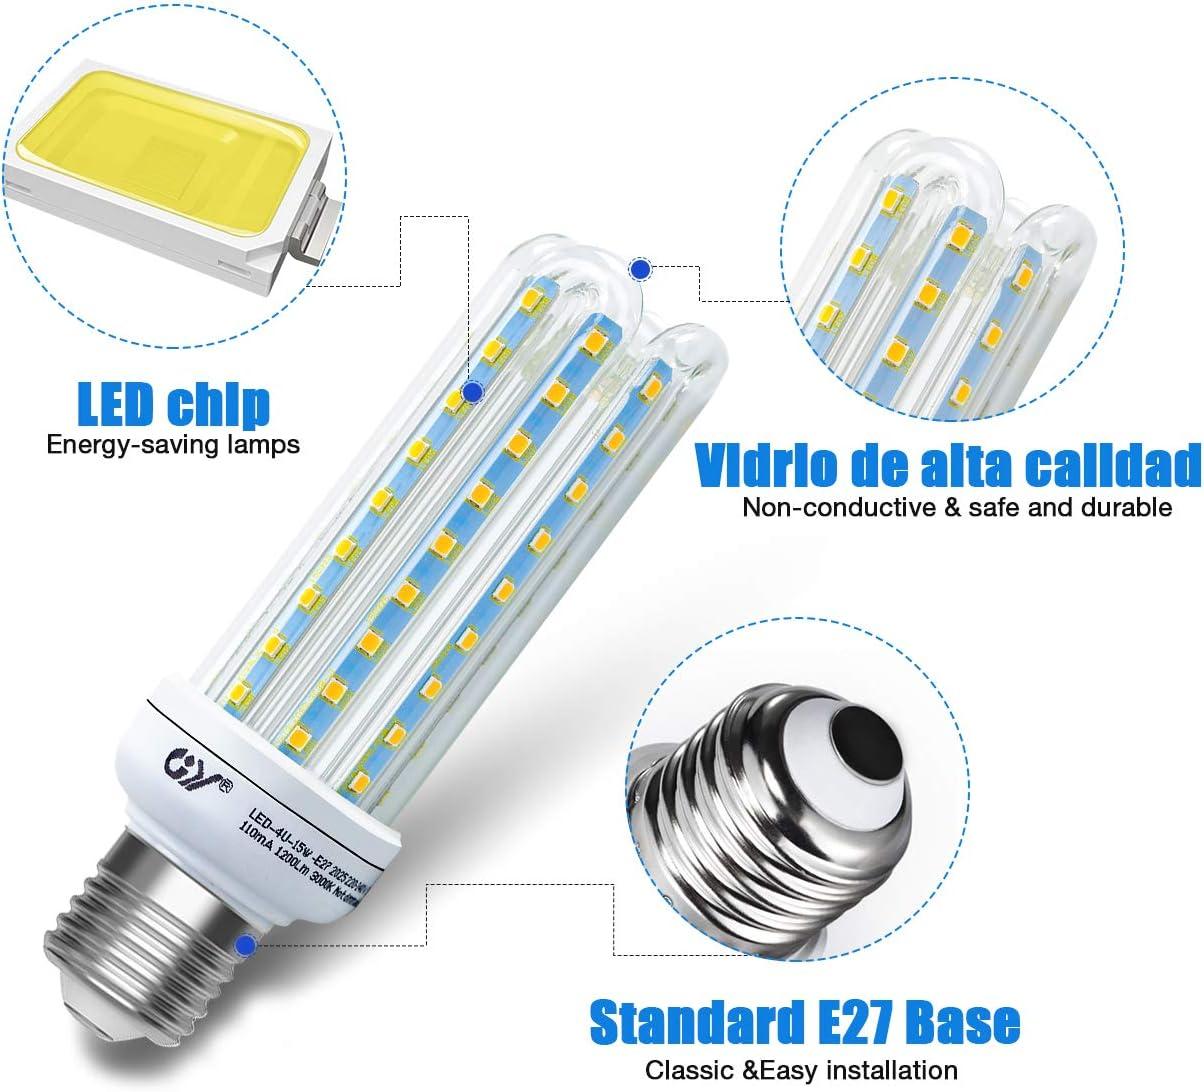 6 unidades equivalente a bombilla incandescente de 150 W GY Bombilla de LED 4U 15W ma/íz E27 de 15 W 3000 K blanco c/álido 1200 lm bombilla LED para candelabro bombilla LED de tornillo Edison